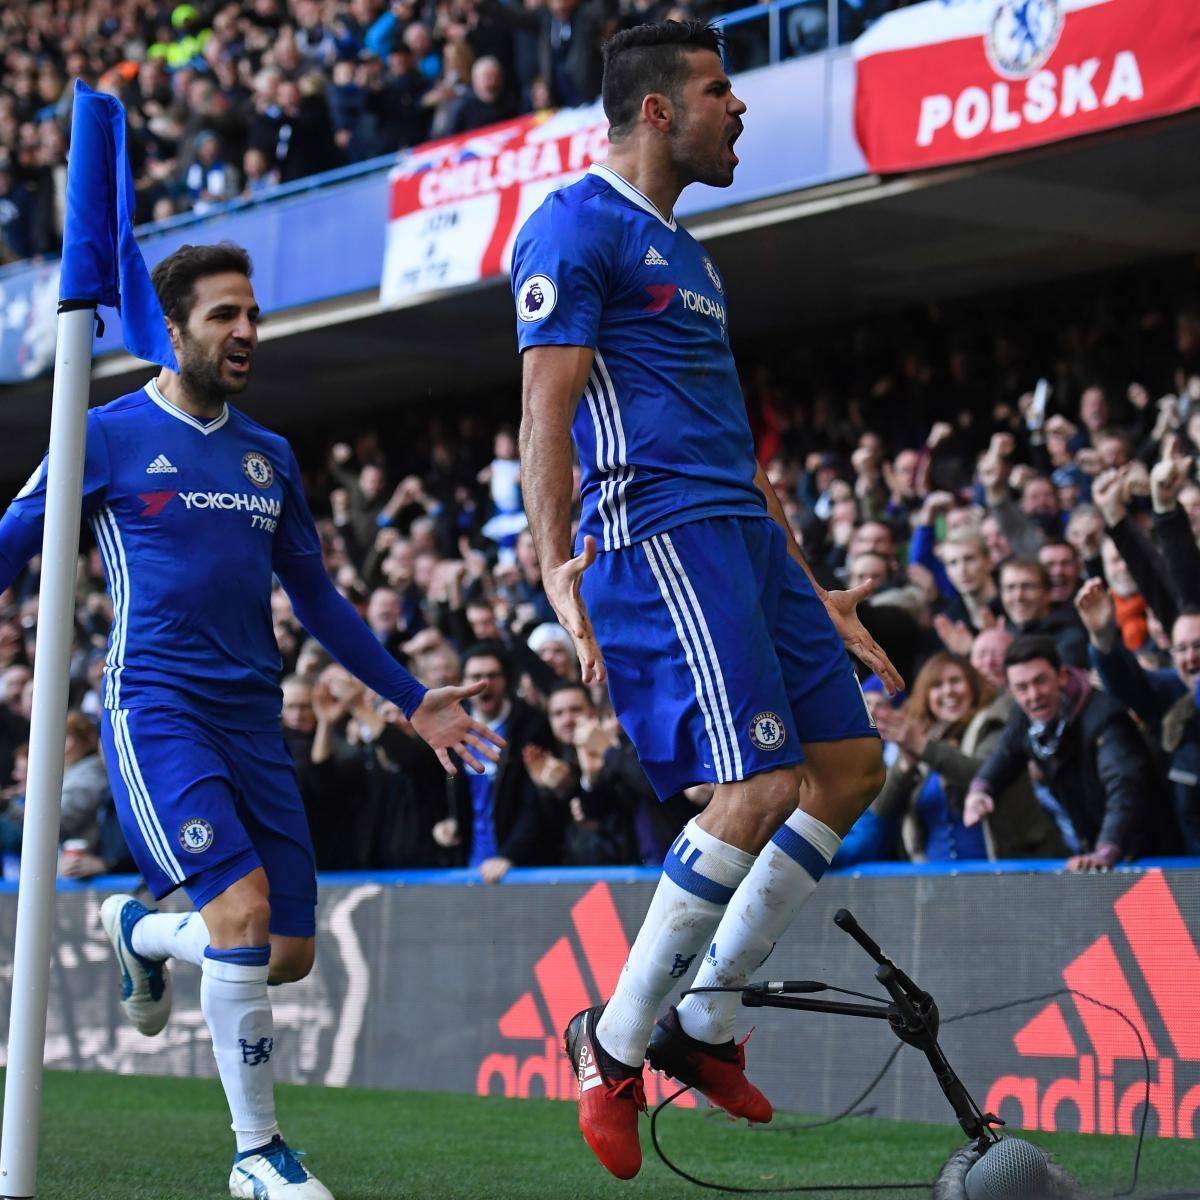 Ajax Vs Tottenham Hotspur Preview Live Stream Tv Info: West Brom Vs. Chelsea: Team News, Preview, Live Stream, TV